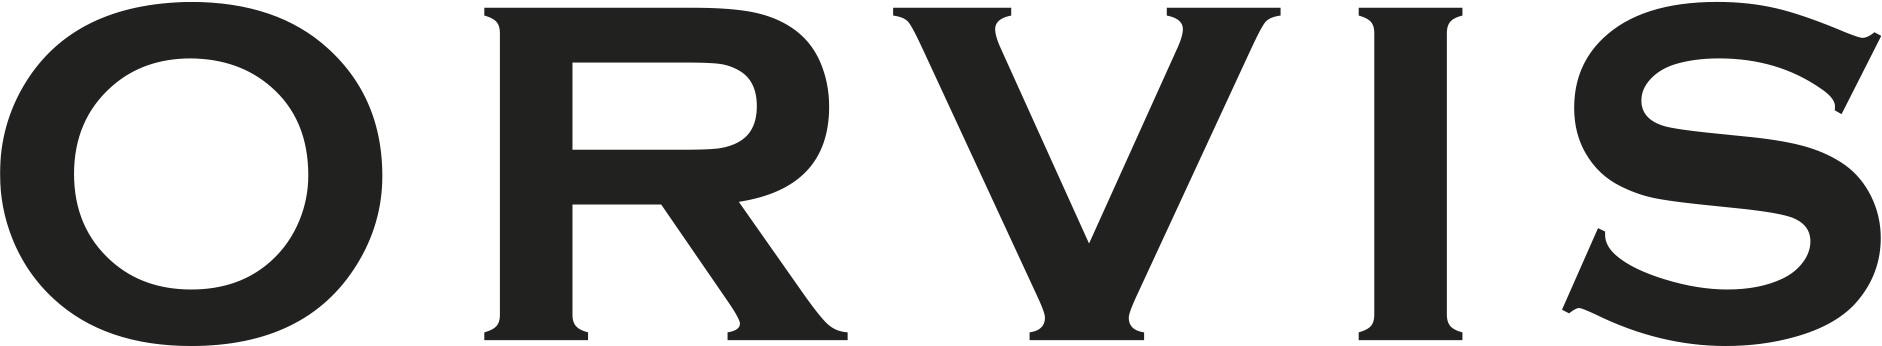 ORVIS white and black logo.jpg